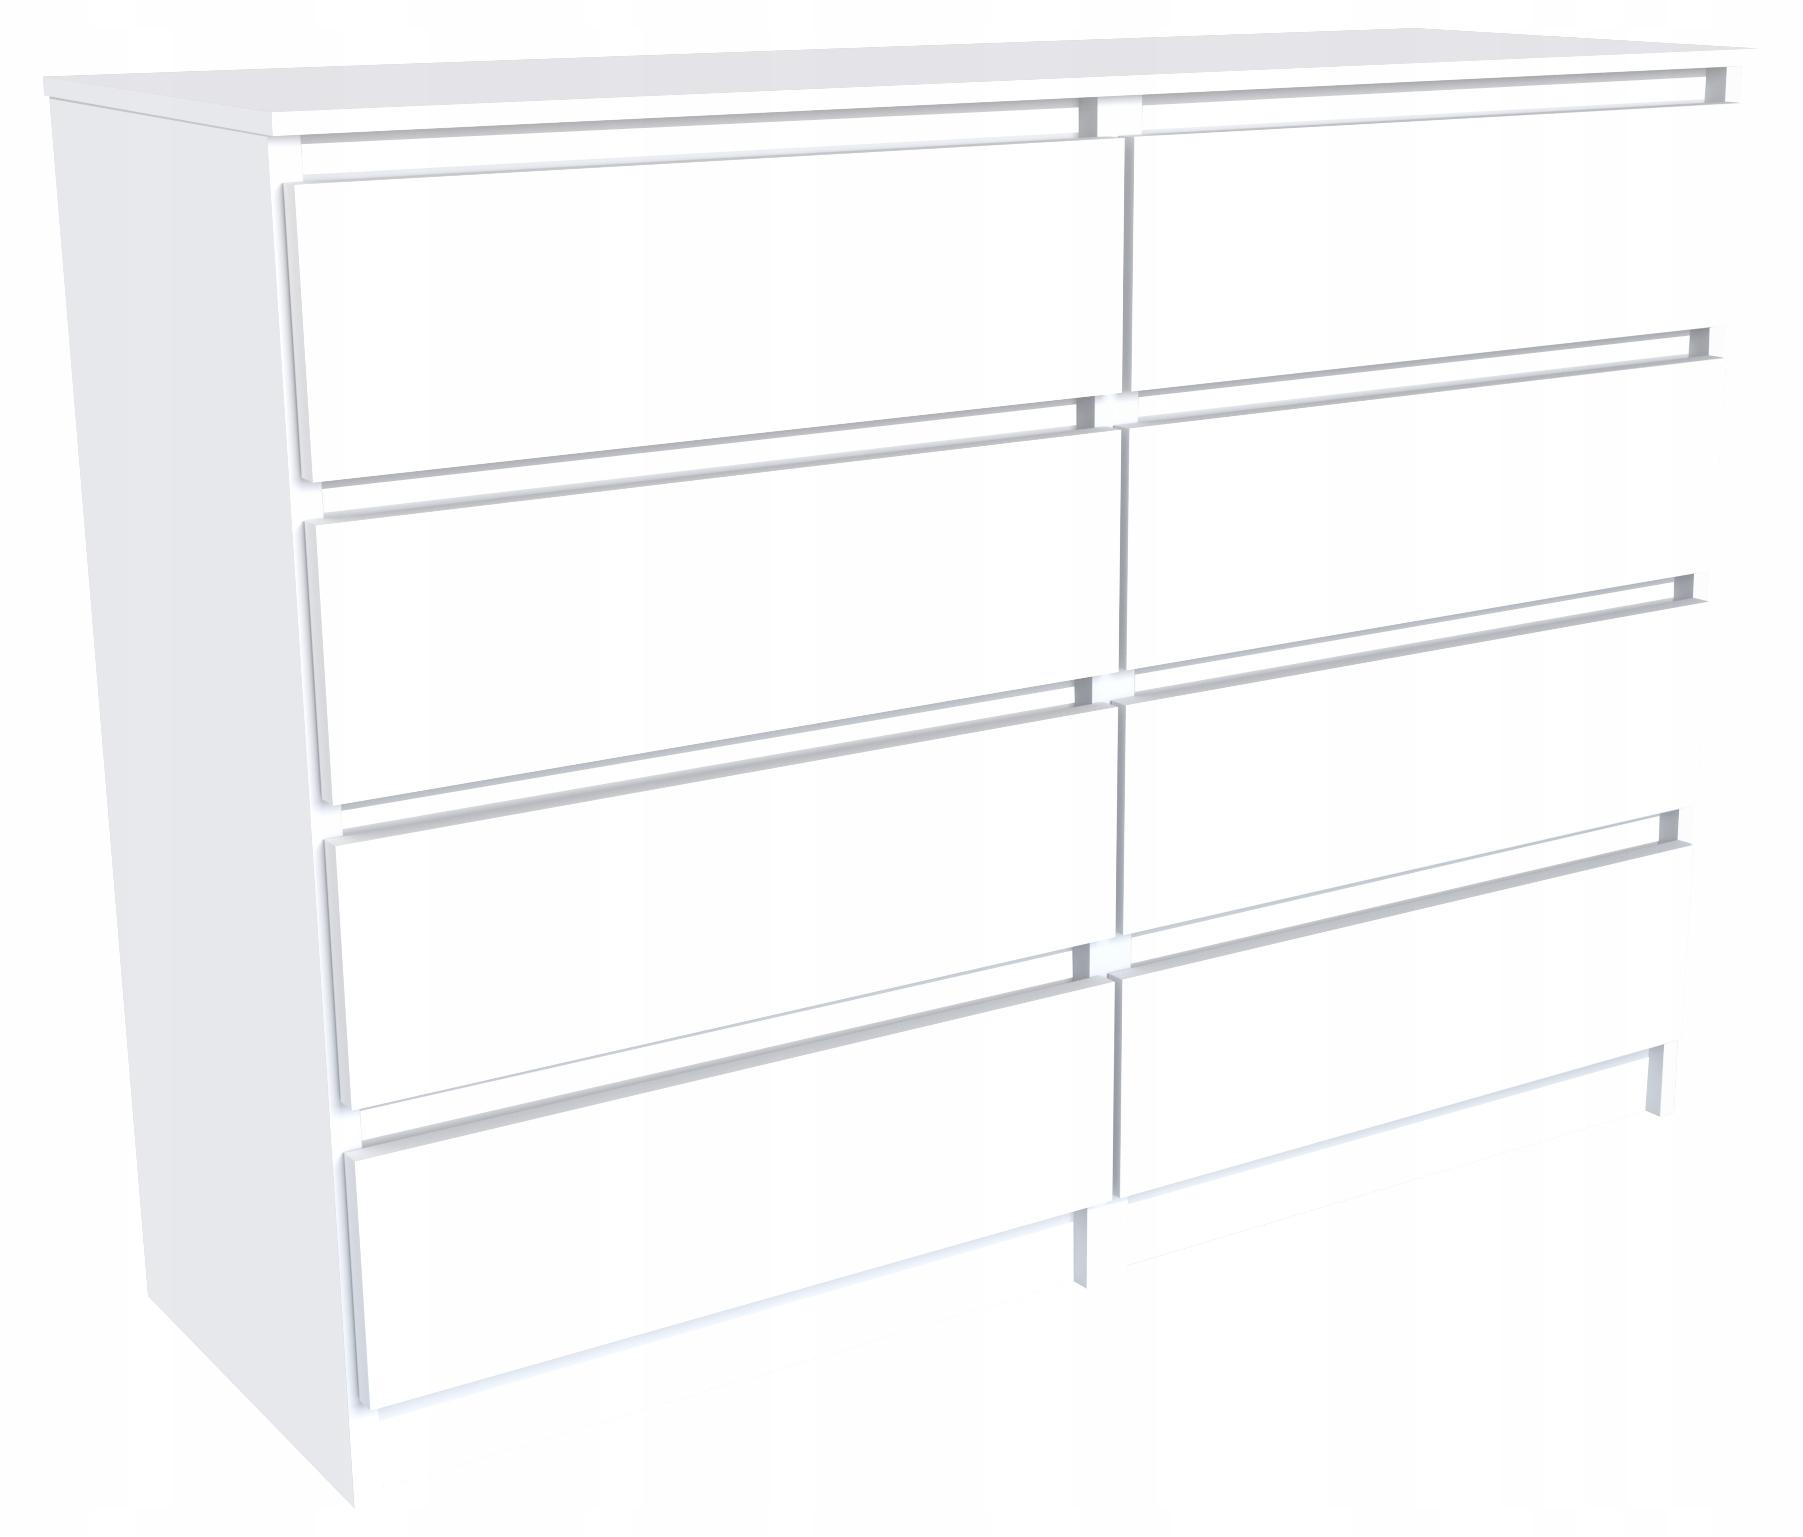 Комод 120 см, 8 ящиков, шкаф, стол, белый матовый